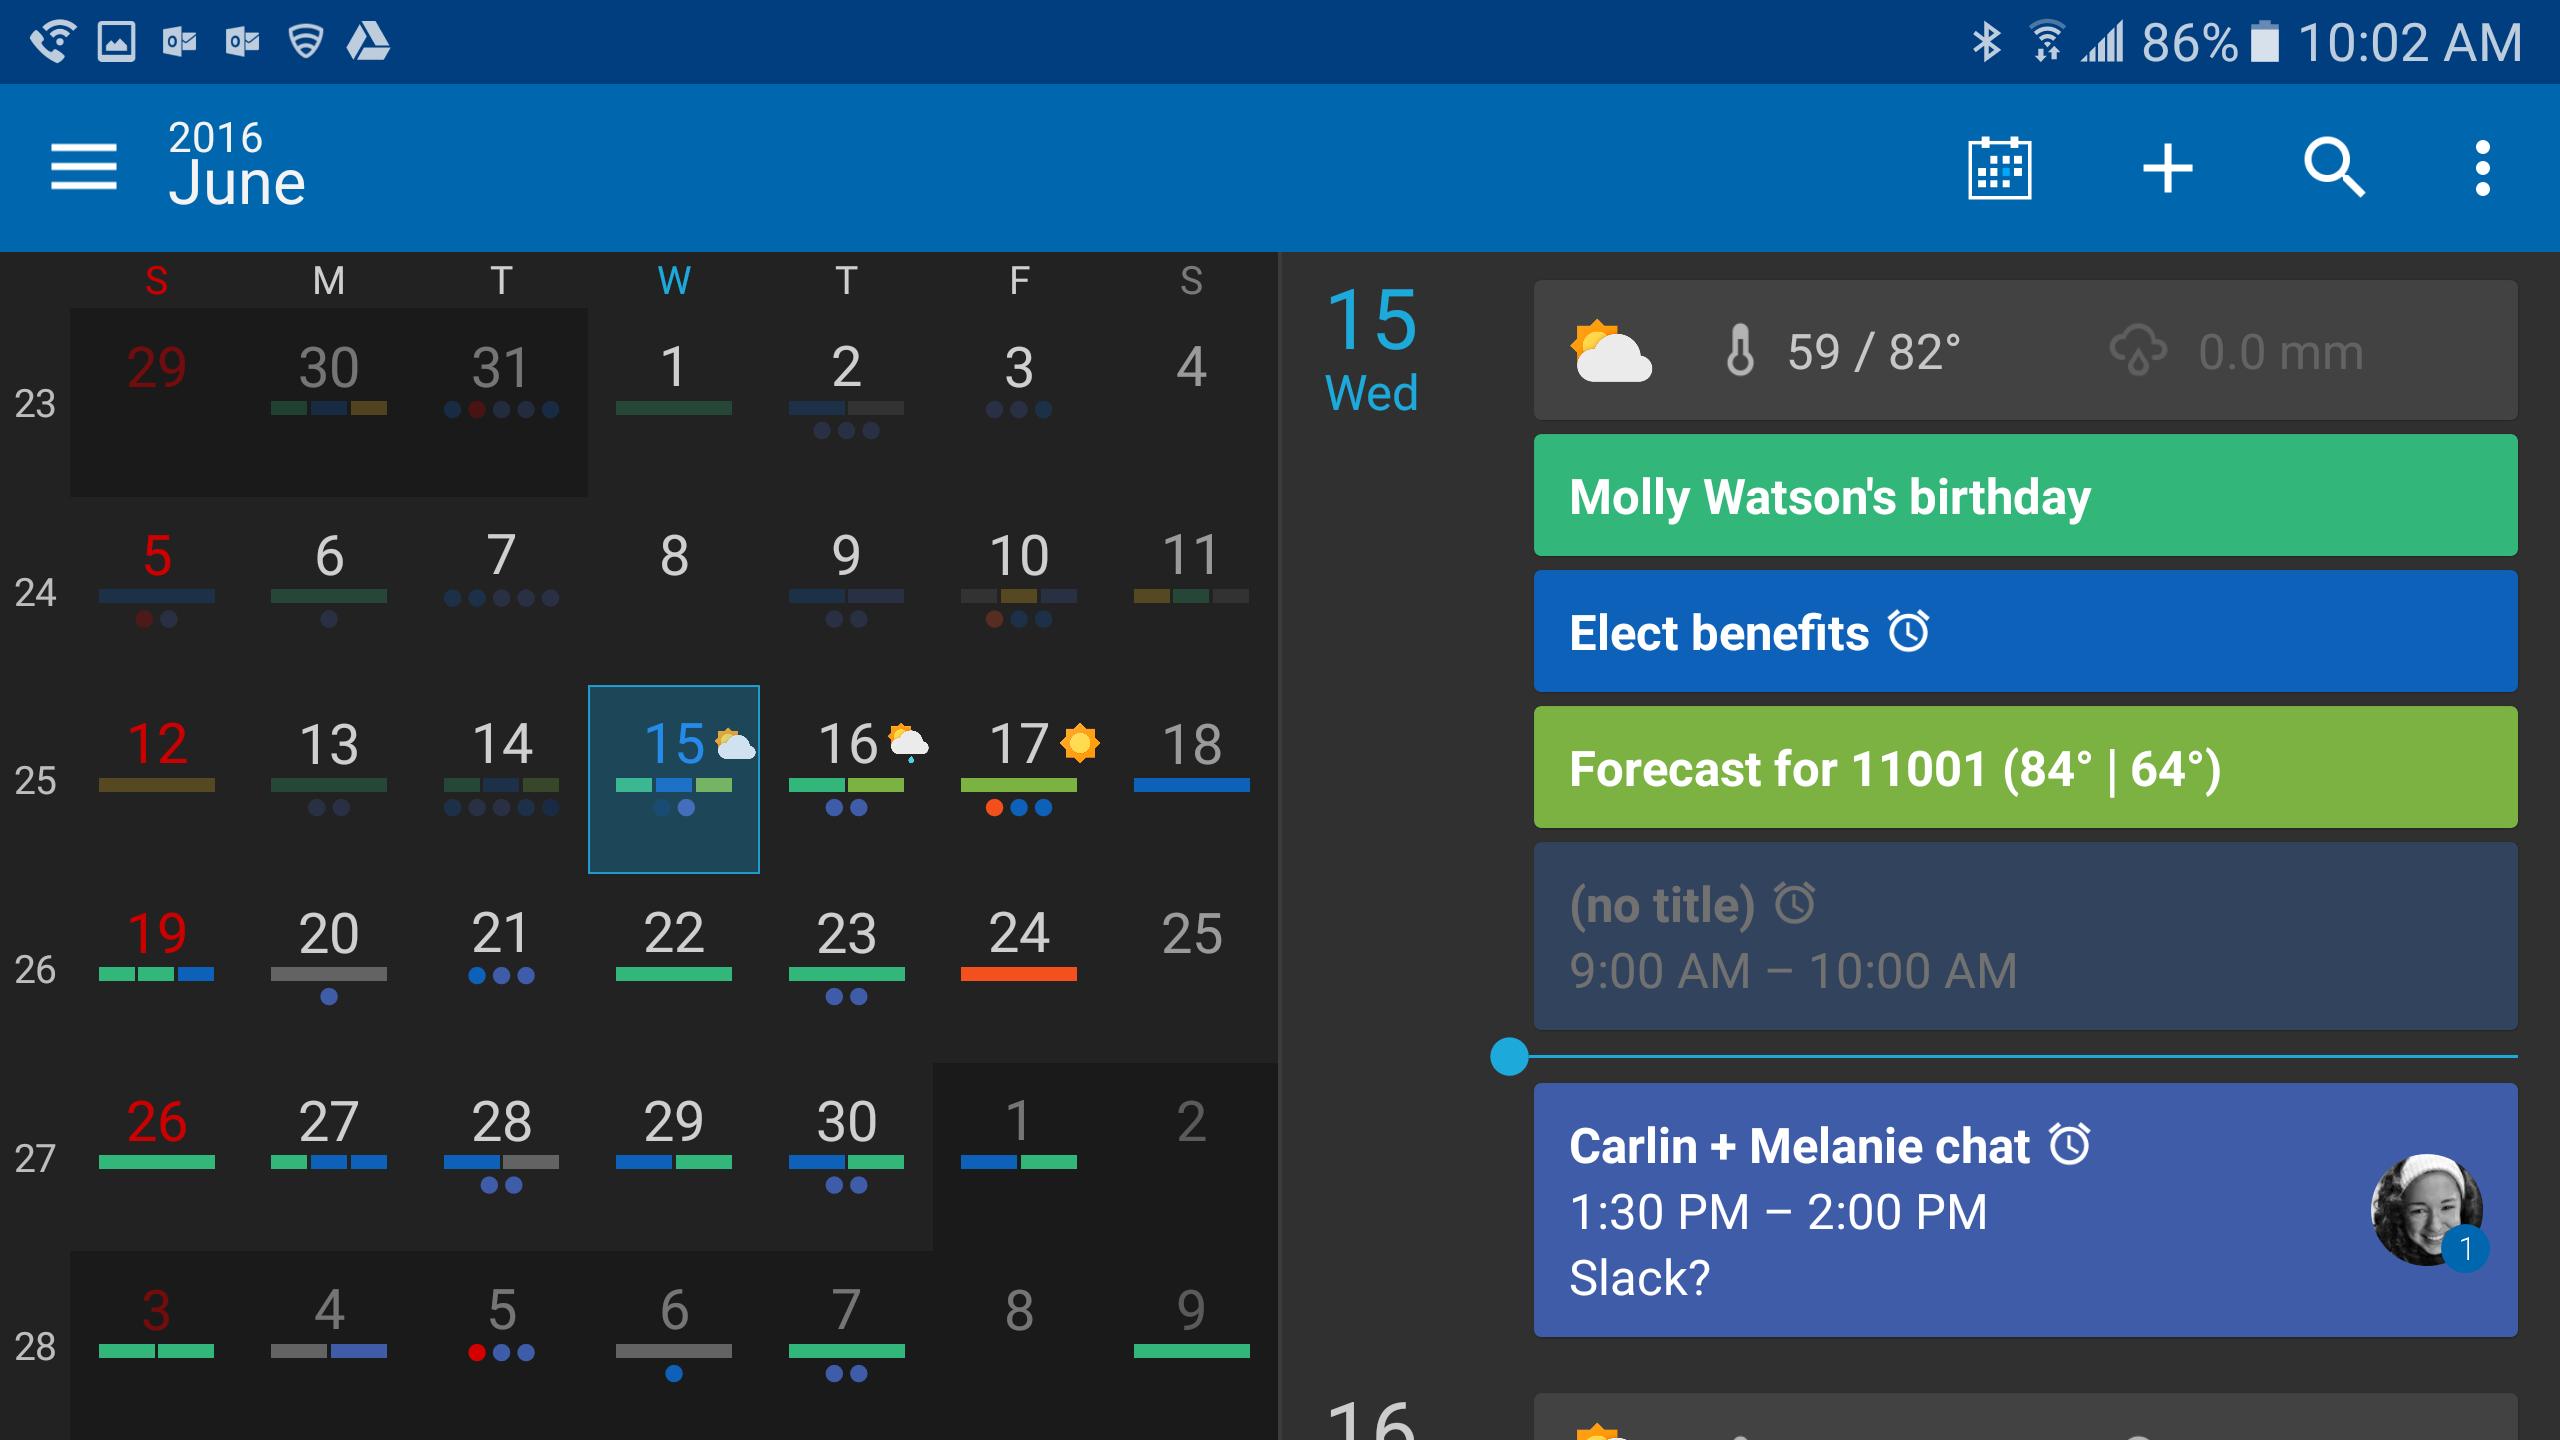 Desktop Wallpaper Calendar Windows  Gadget Calendar Windows within Calendar Widget For Windows 10